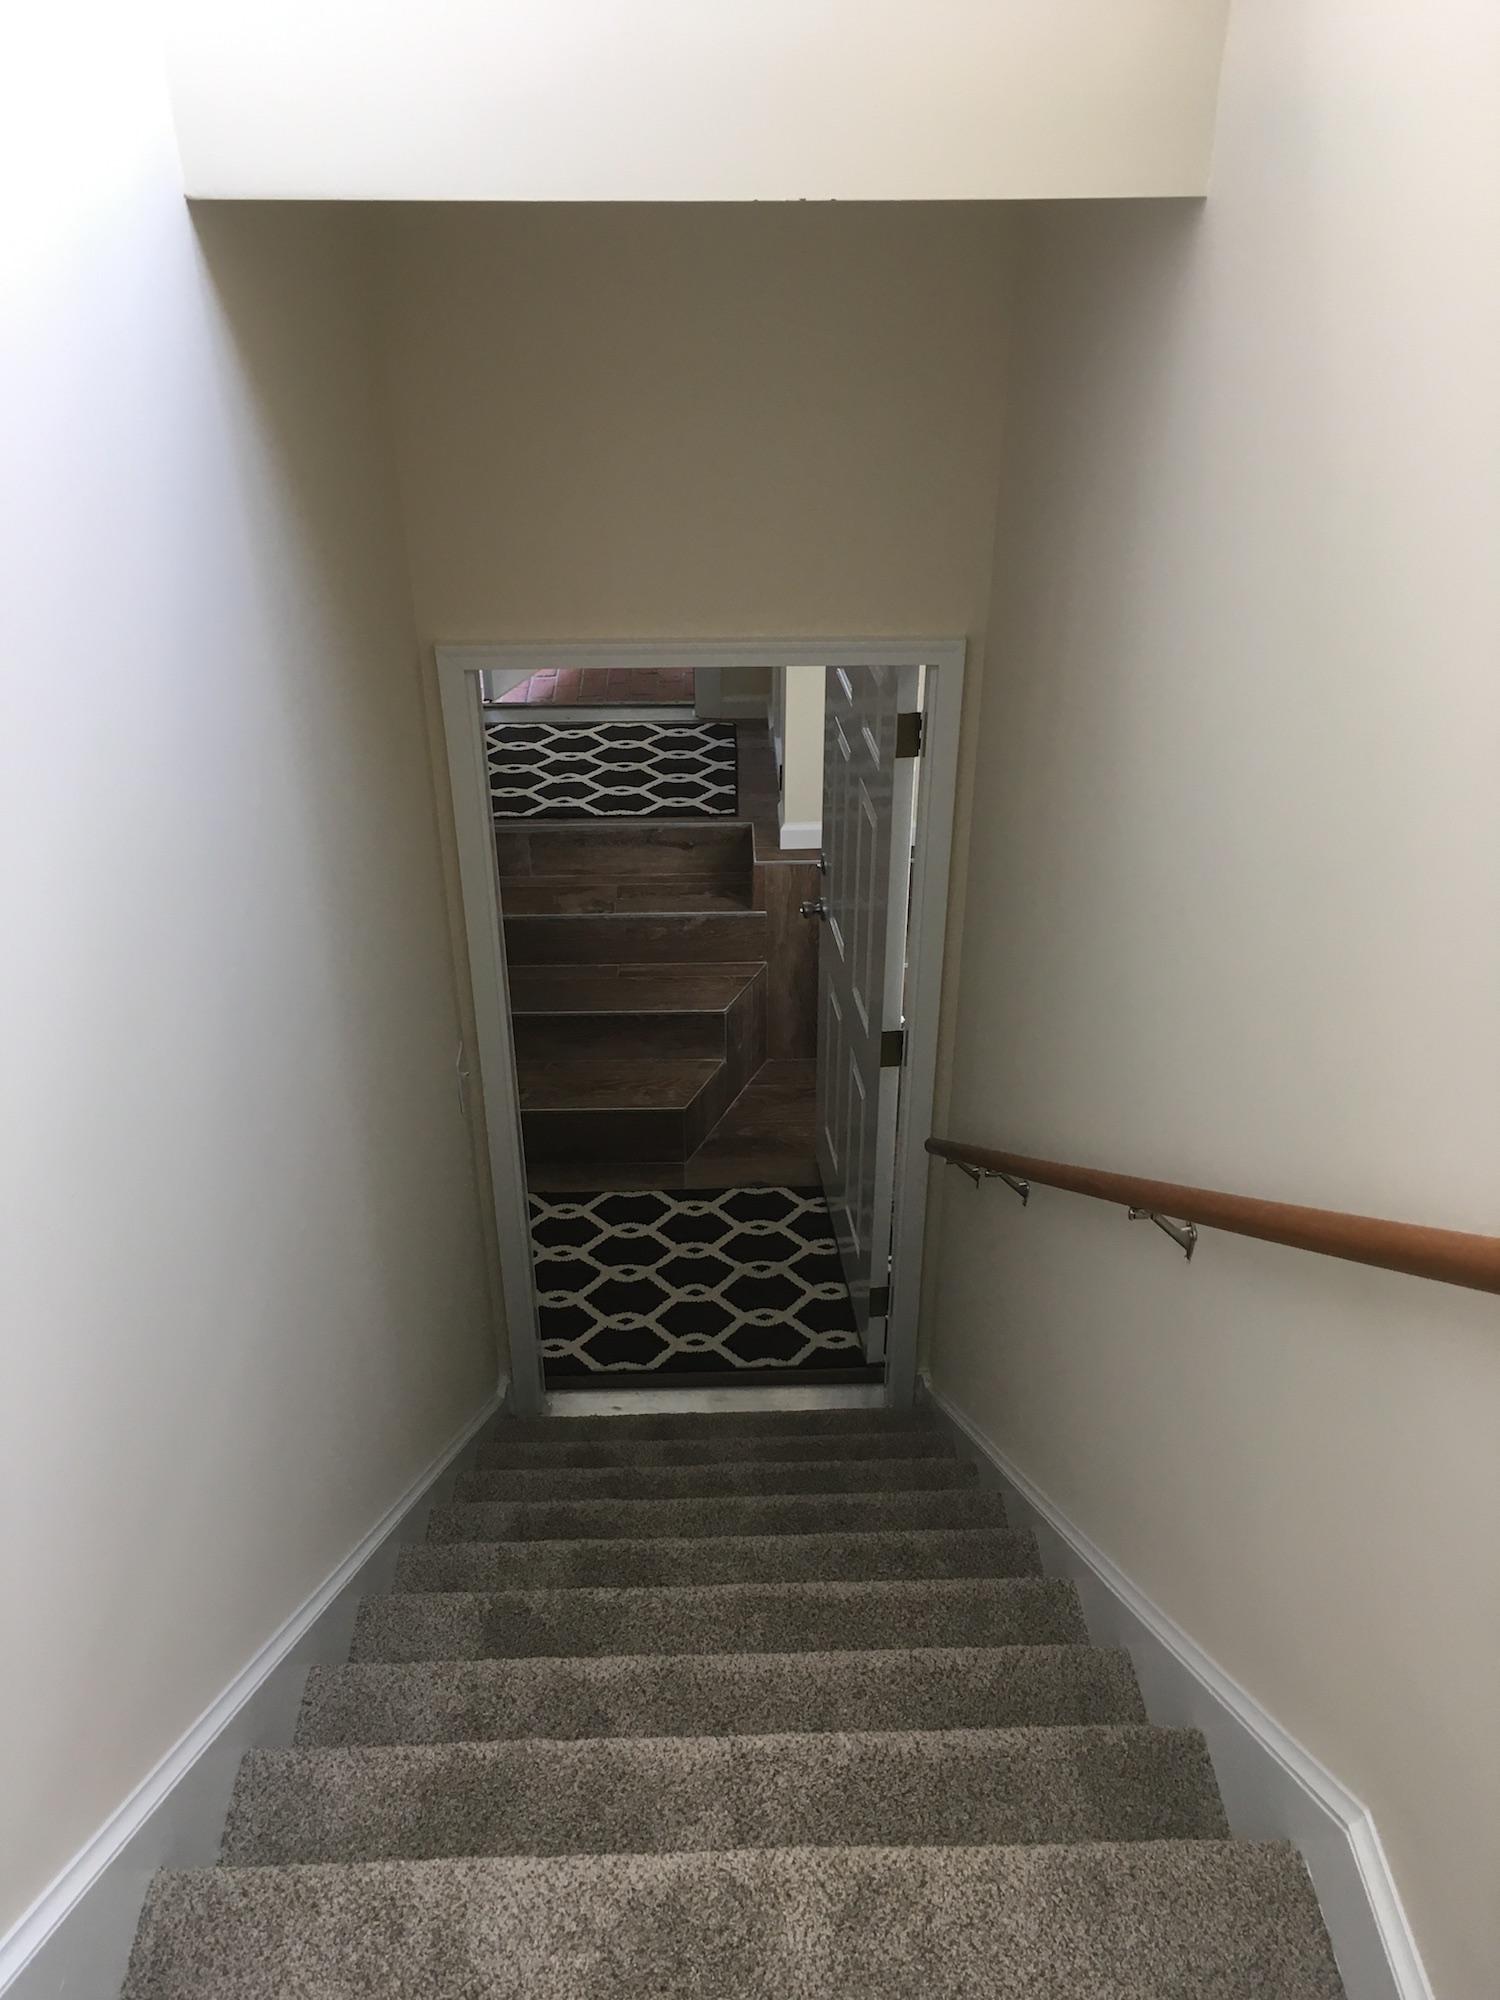 3 Guest Suite Remodel Stairway.jpg